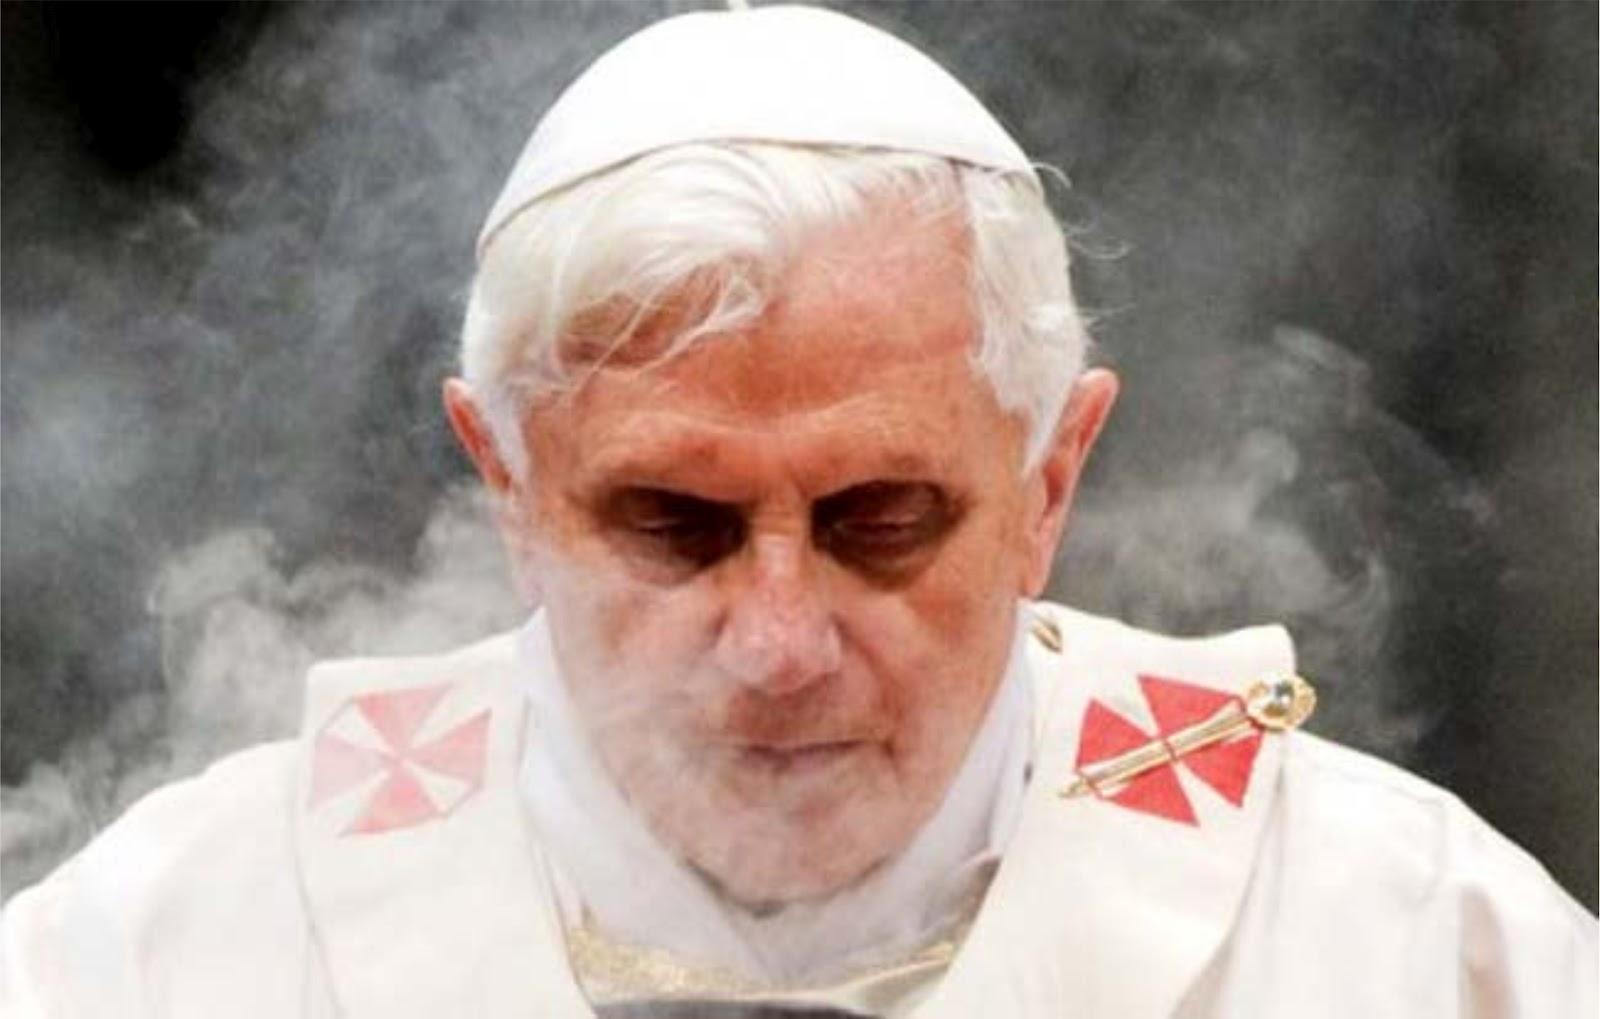 josef-ratzinger-pope-benedict-xvi-born-1927-mass-vatican-incense-1ab